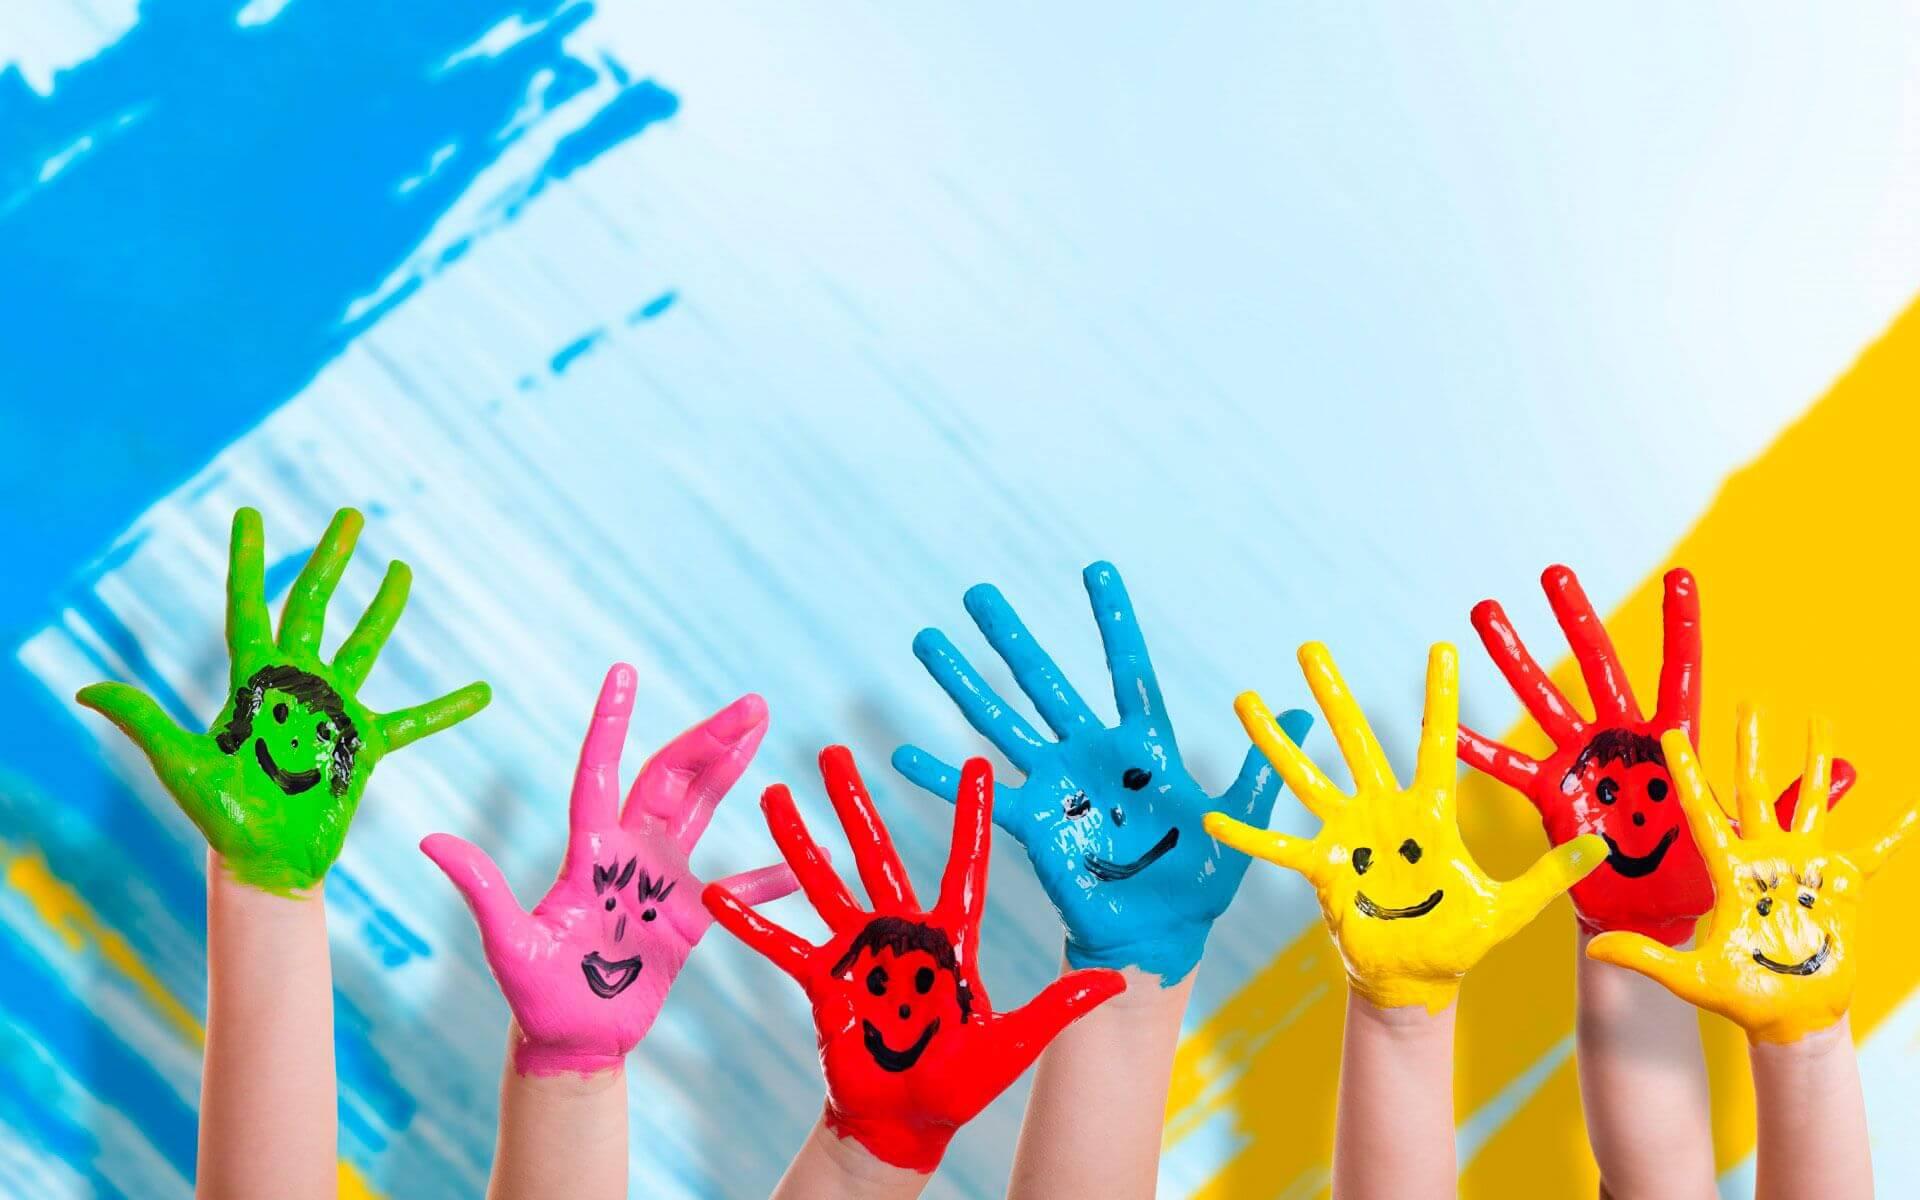 К Дню защиты детей. Интерактивное мероприятие